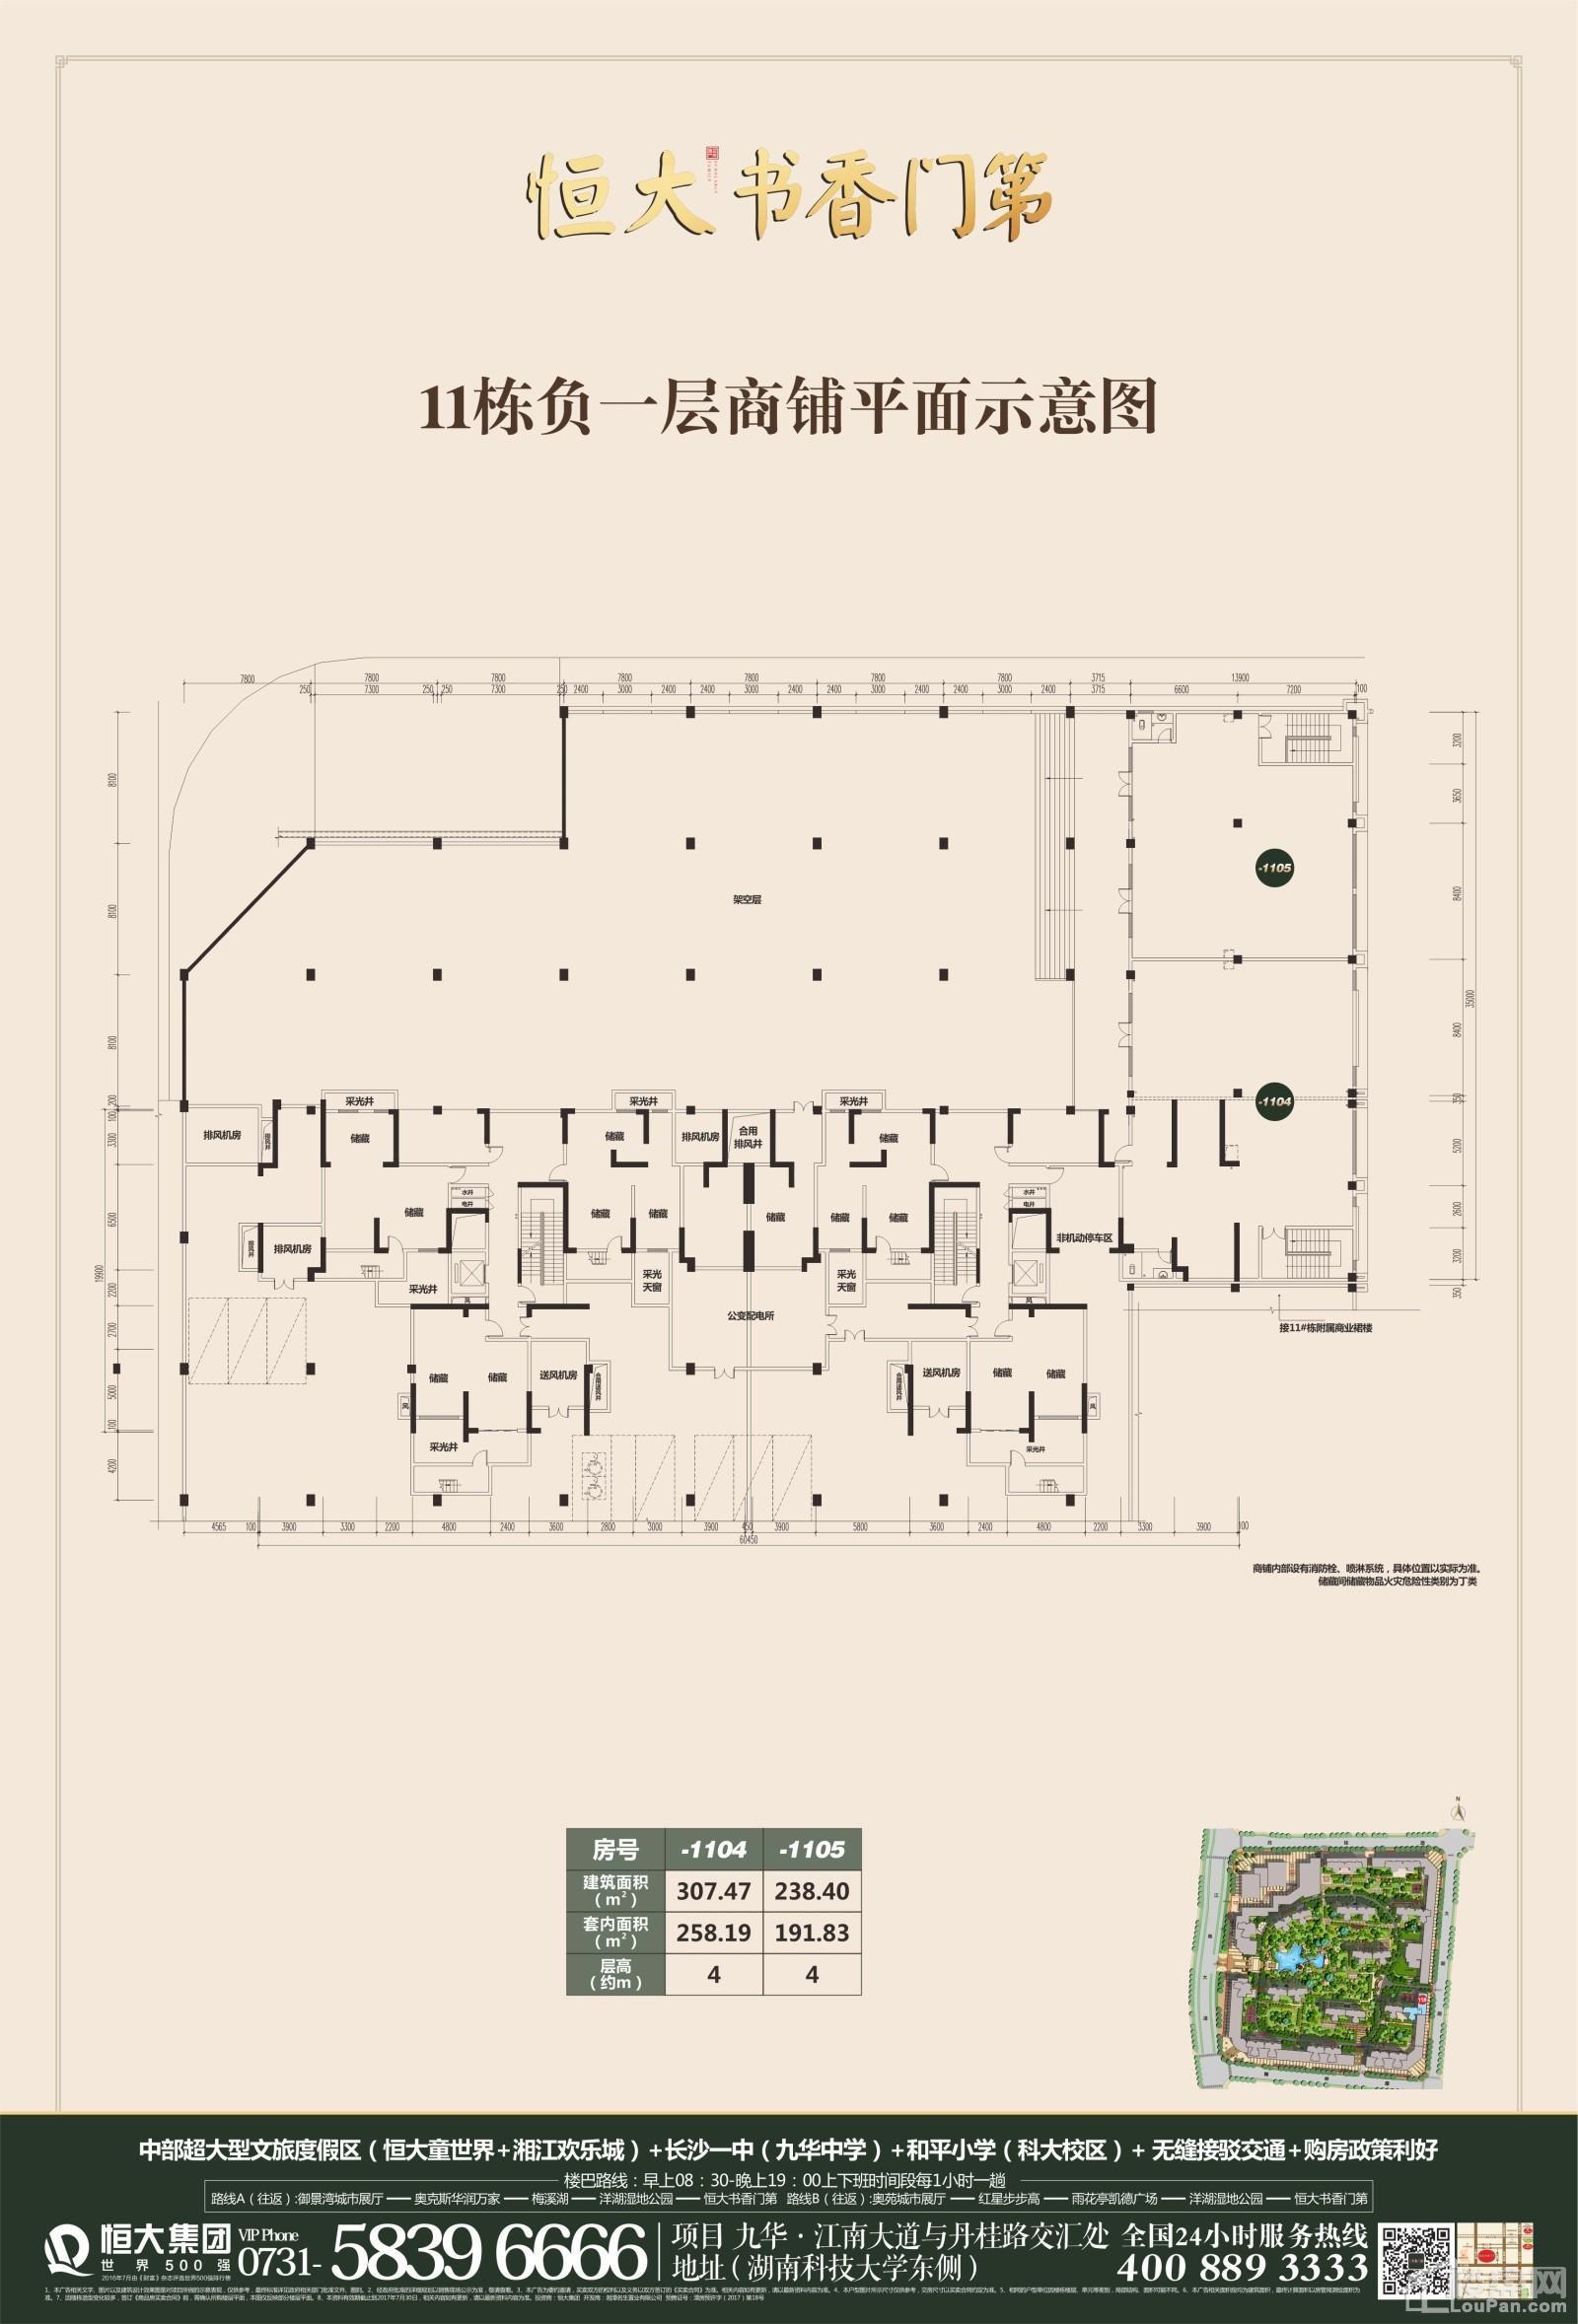 湘潭恒大书香门第11号商铺栋户型图